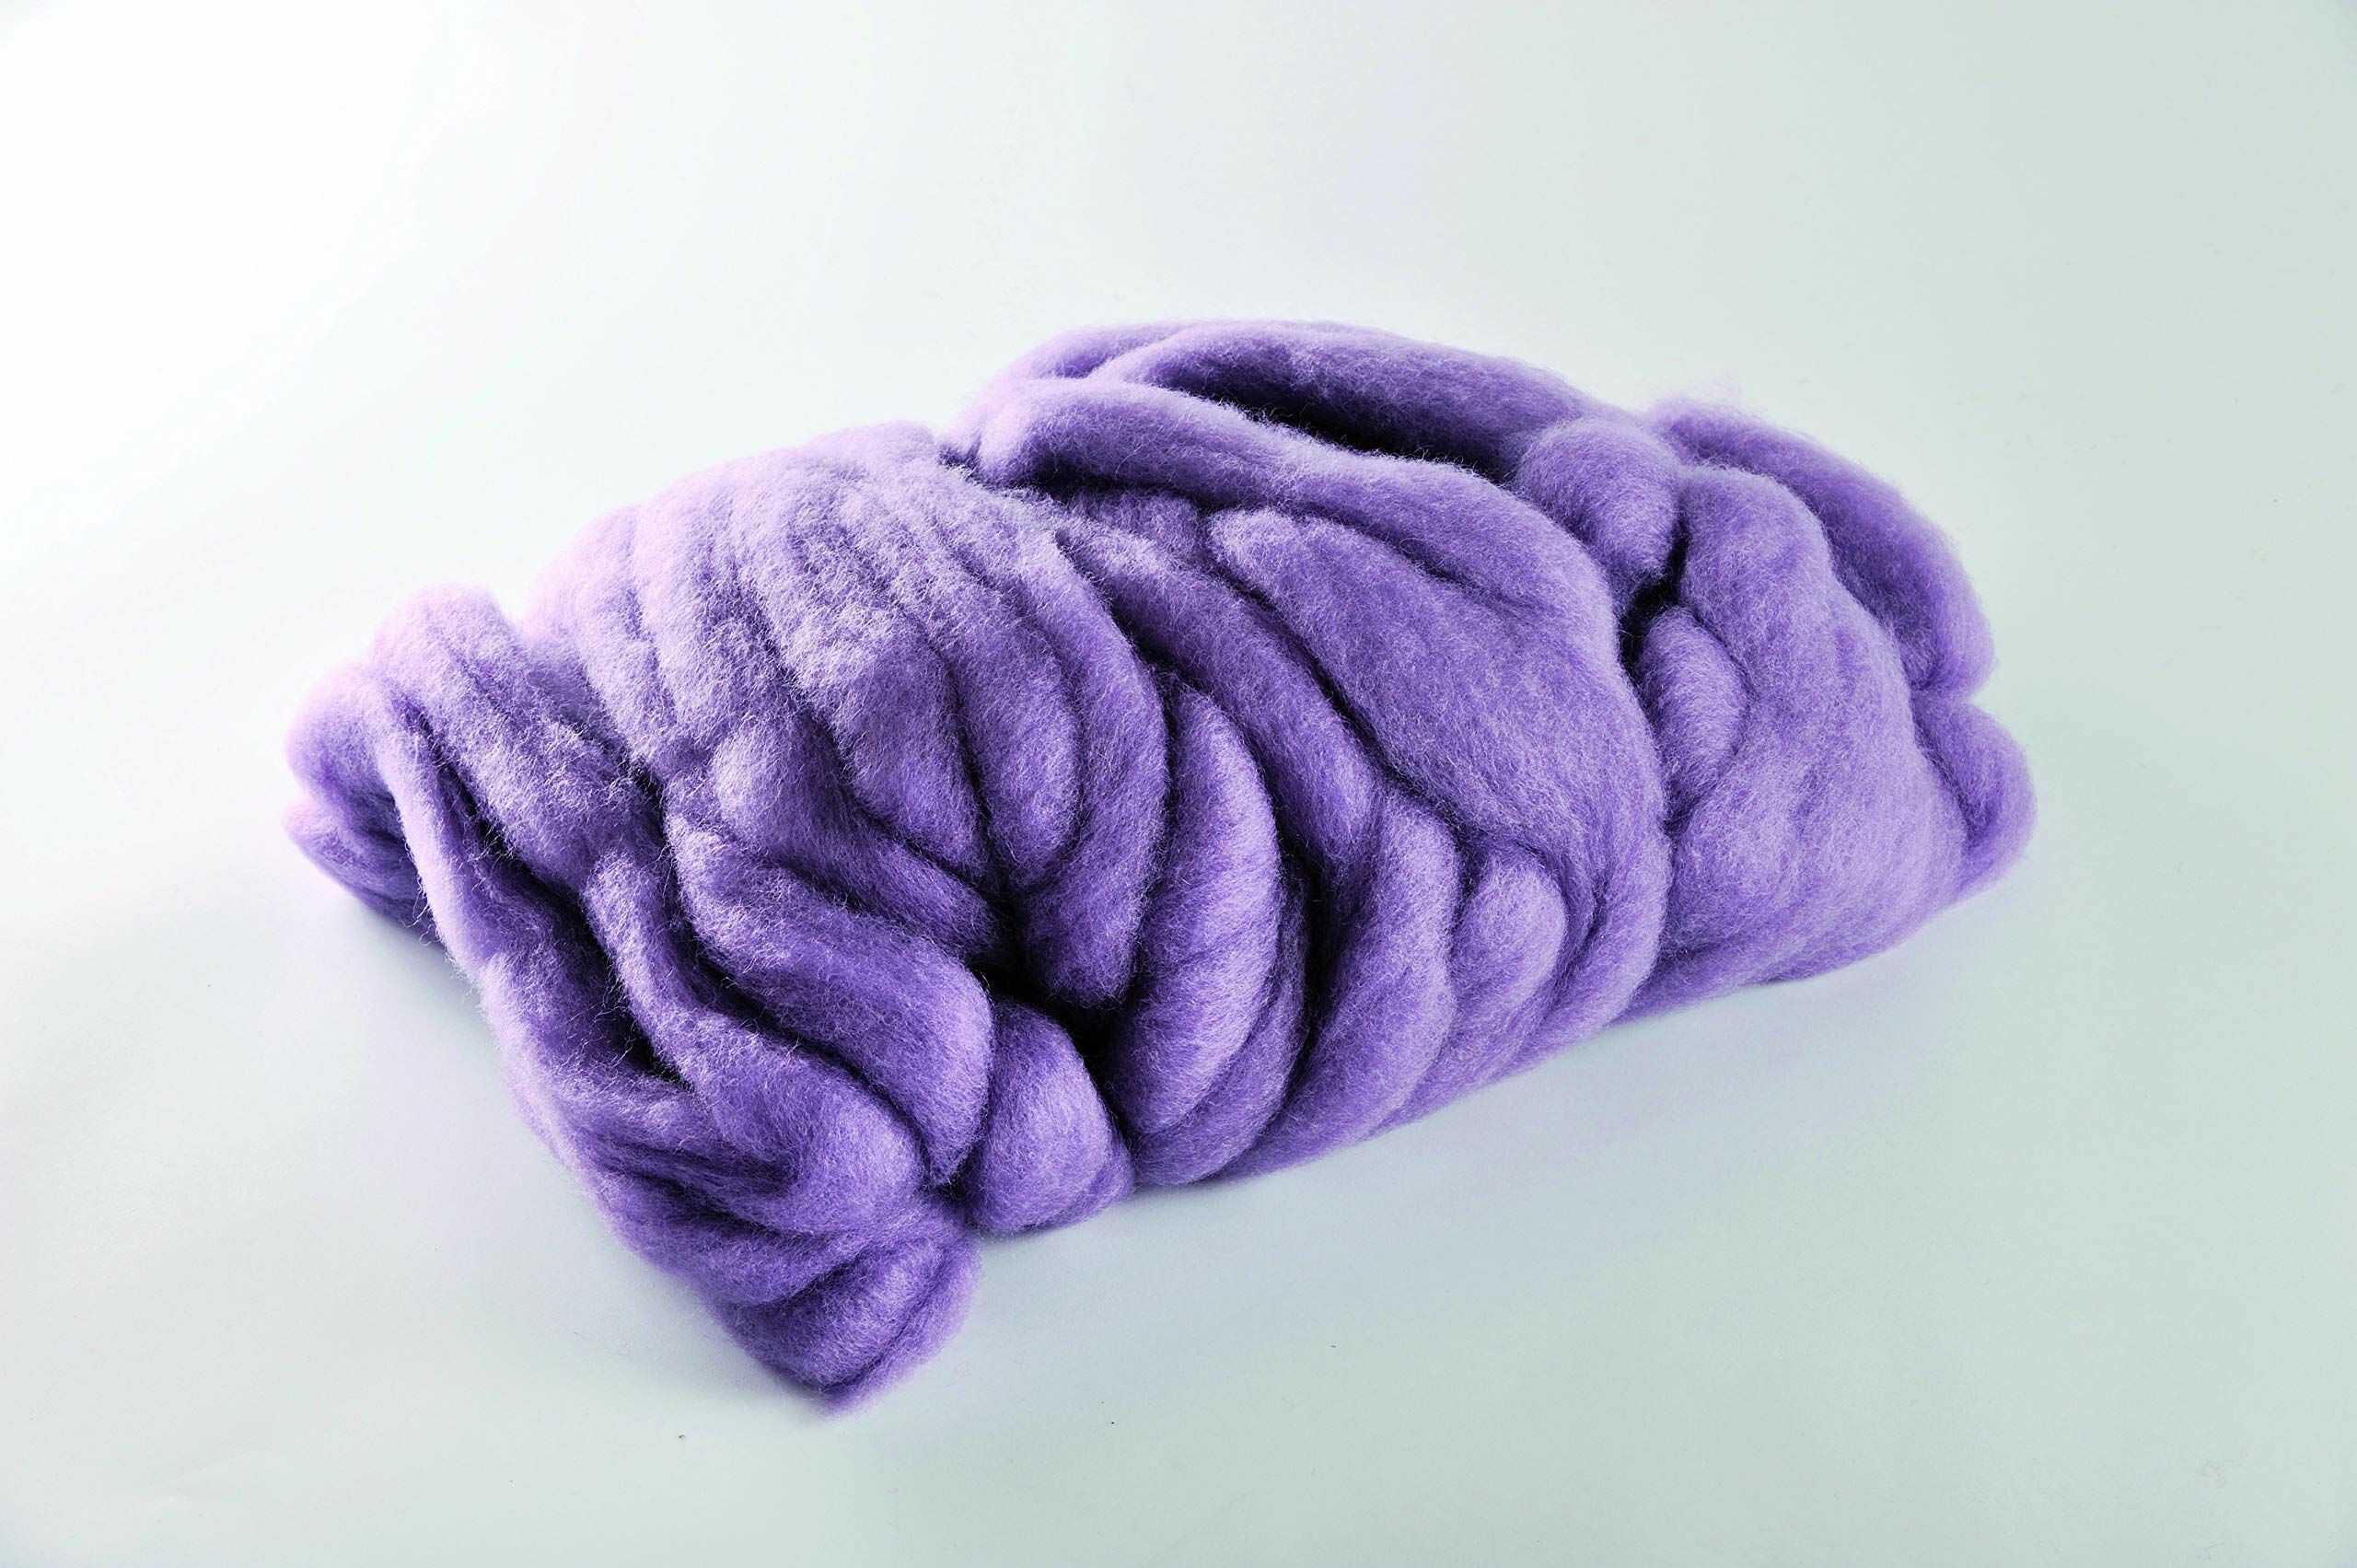 Chunky wełna / XL wąż dziergany, 12 kolorów 100% naturalna Super miękki i gruby do robienia na drutach XXL na koc, szal, poduszki, pled 30-40mm x 30m styl oparcia